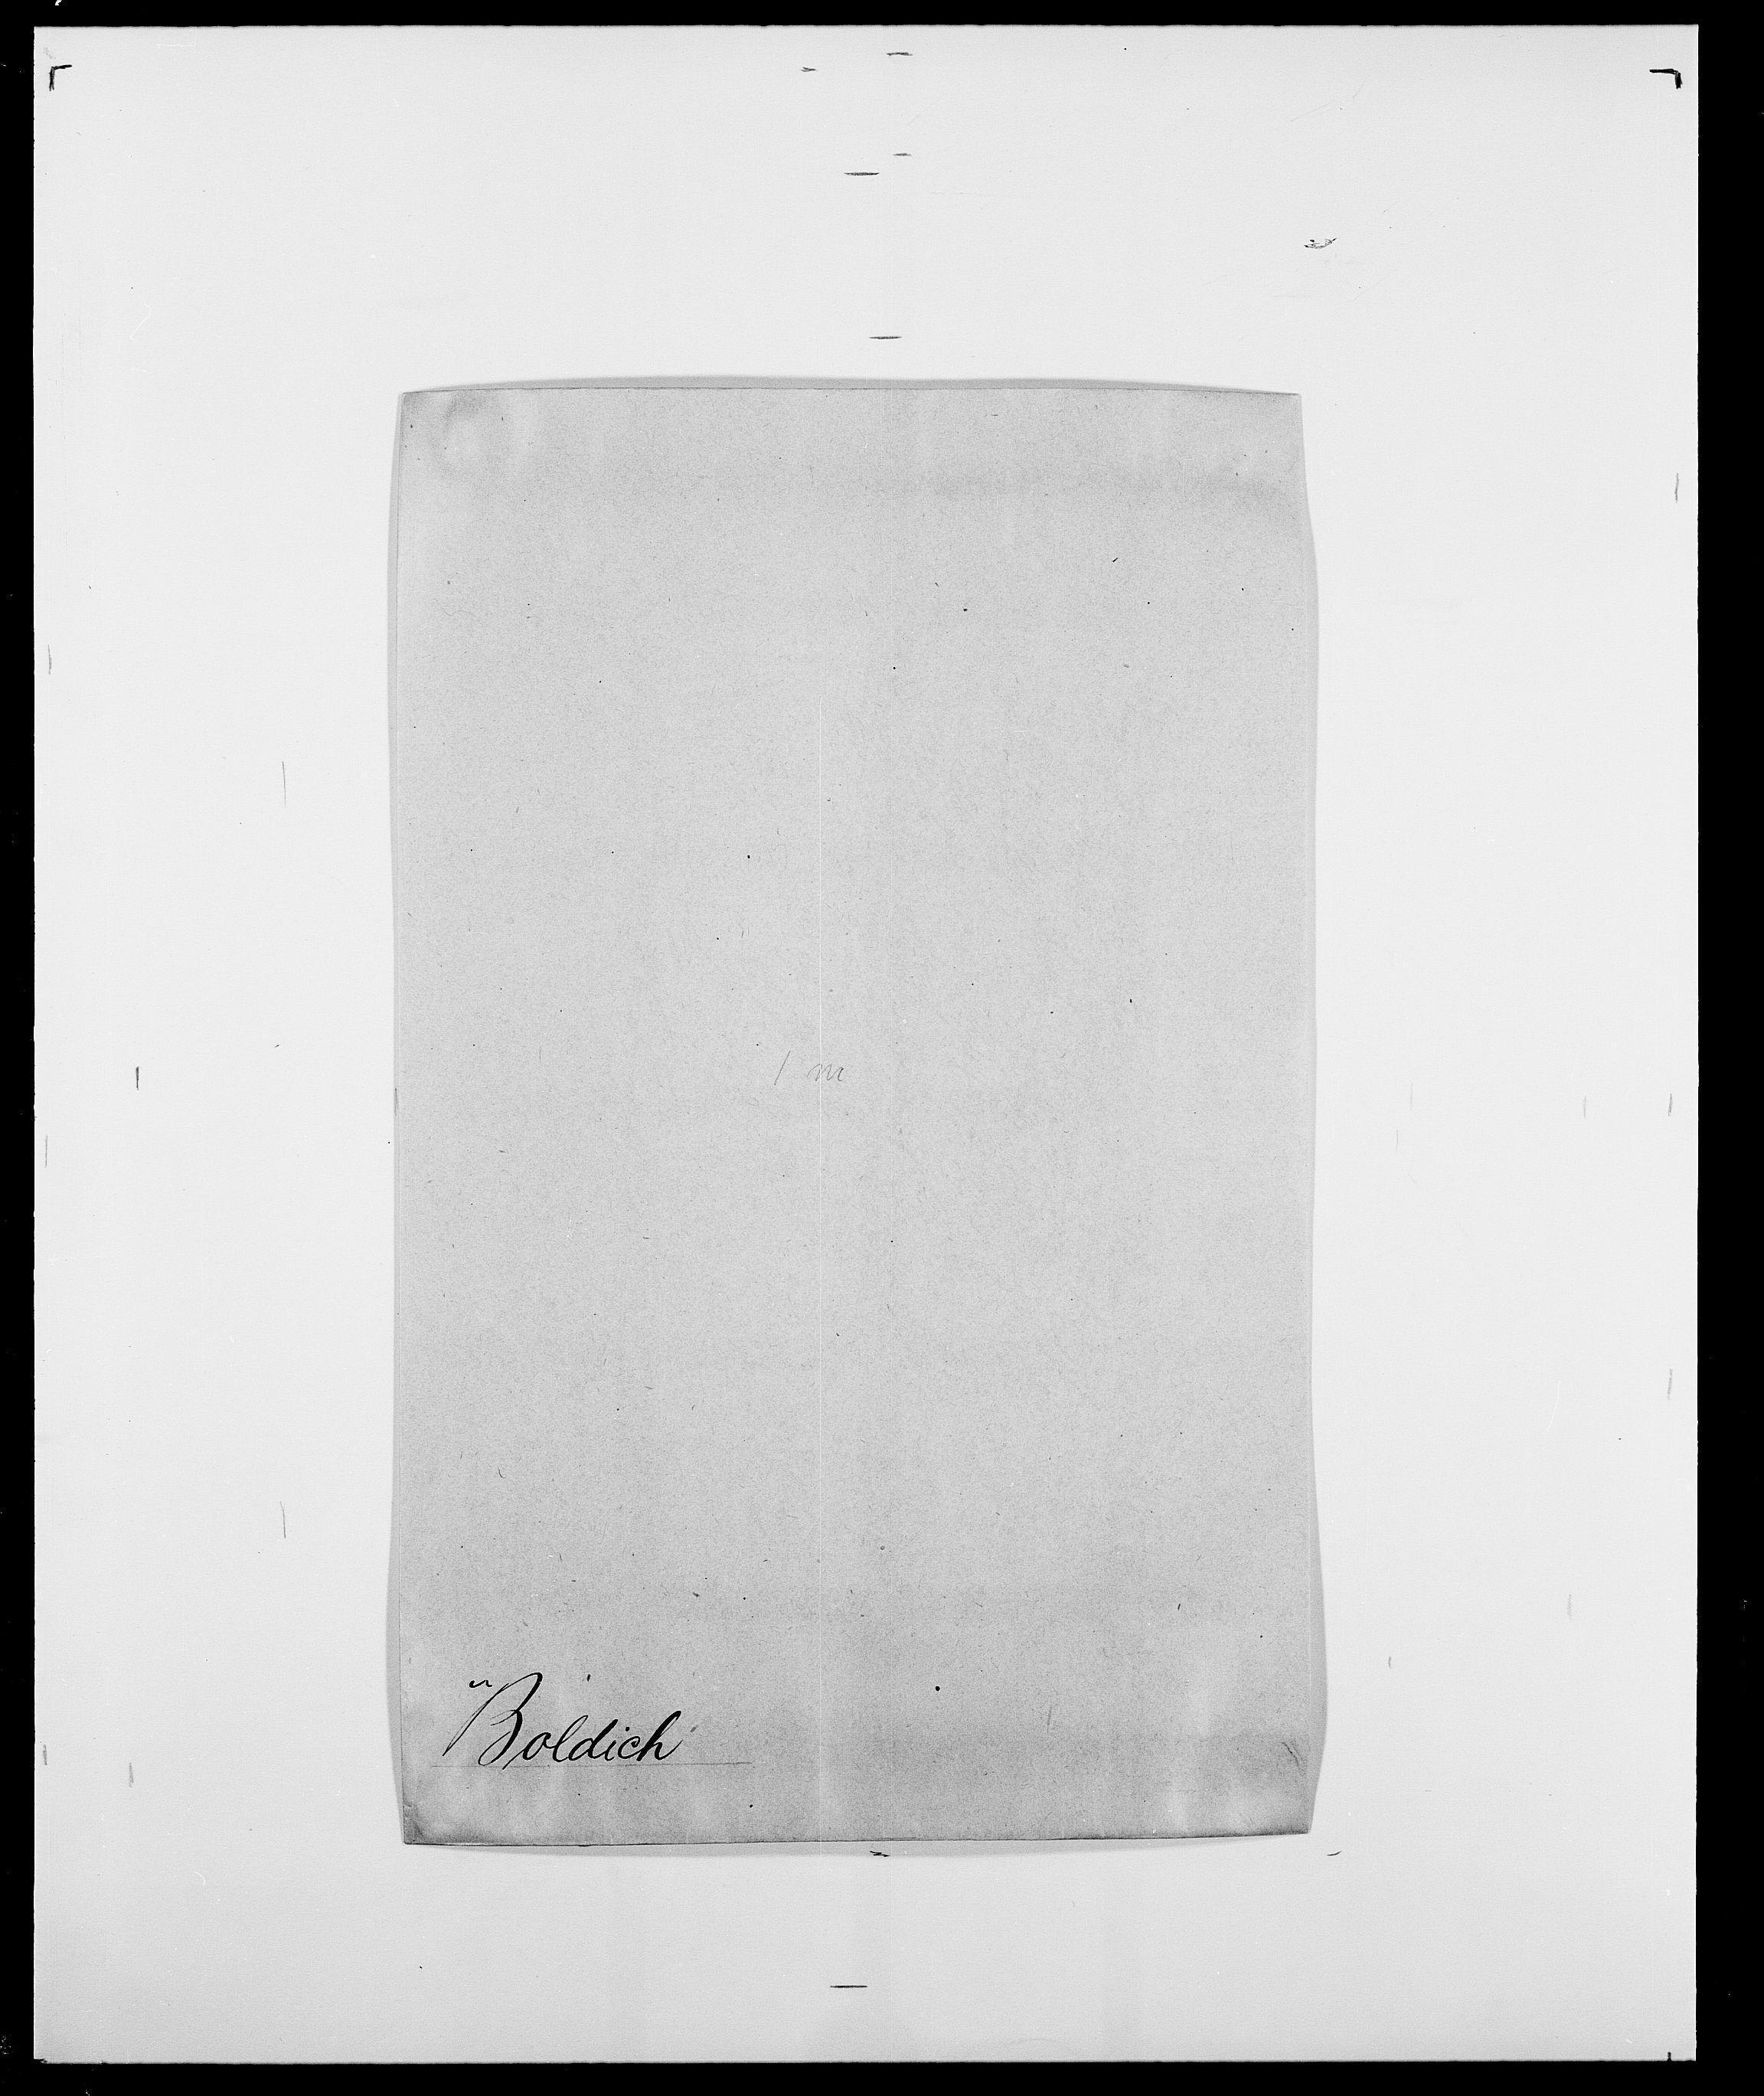 SAO, Delgobe, Charles Antoine - samling, D/Da/L0005: Boalth - Brahm, s. 78